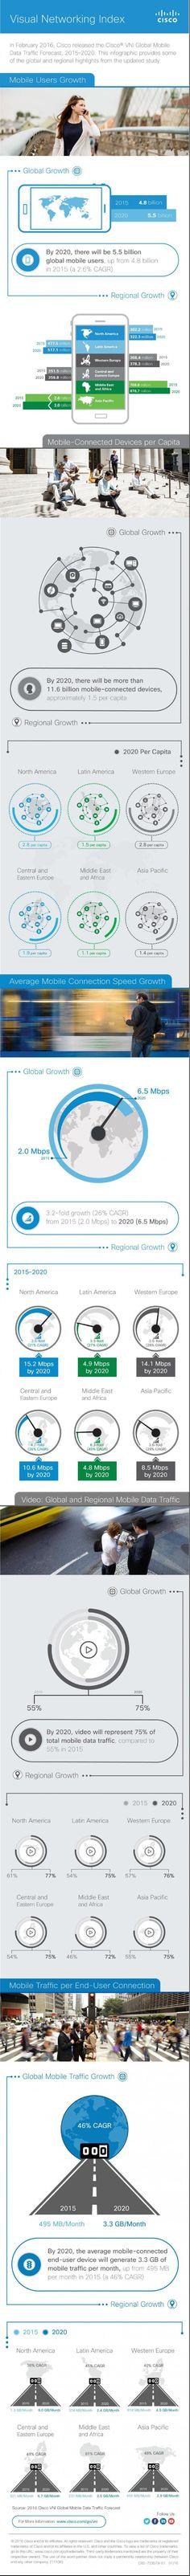 Traficul global de date mobile se va înmulţi cu şapte până în 2021